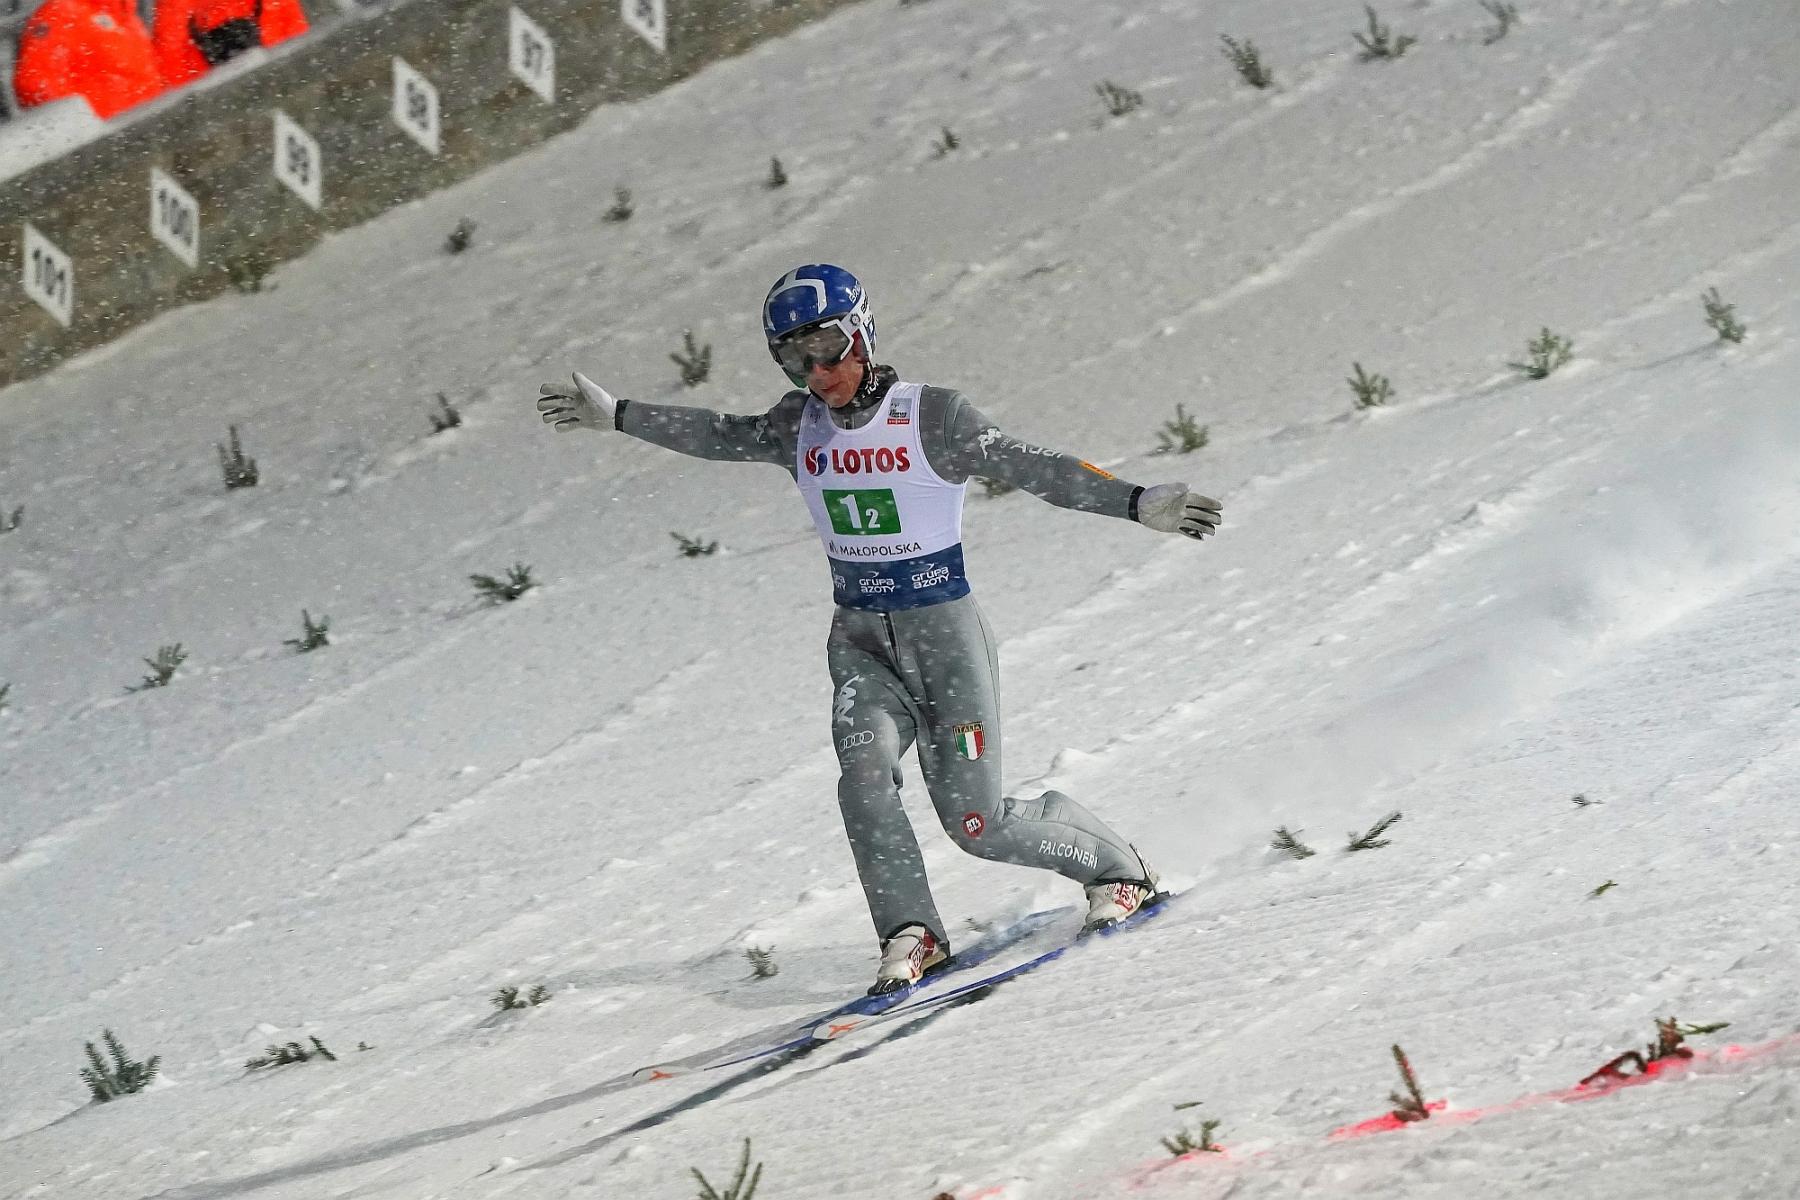 FIS Cup Lahti: Trening dla Bresadoli, seria próbna dla Nikaido, Polacy nie zachwycają